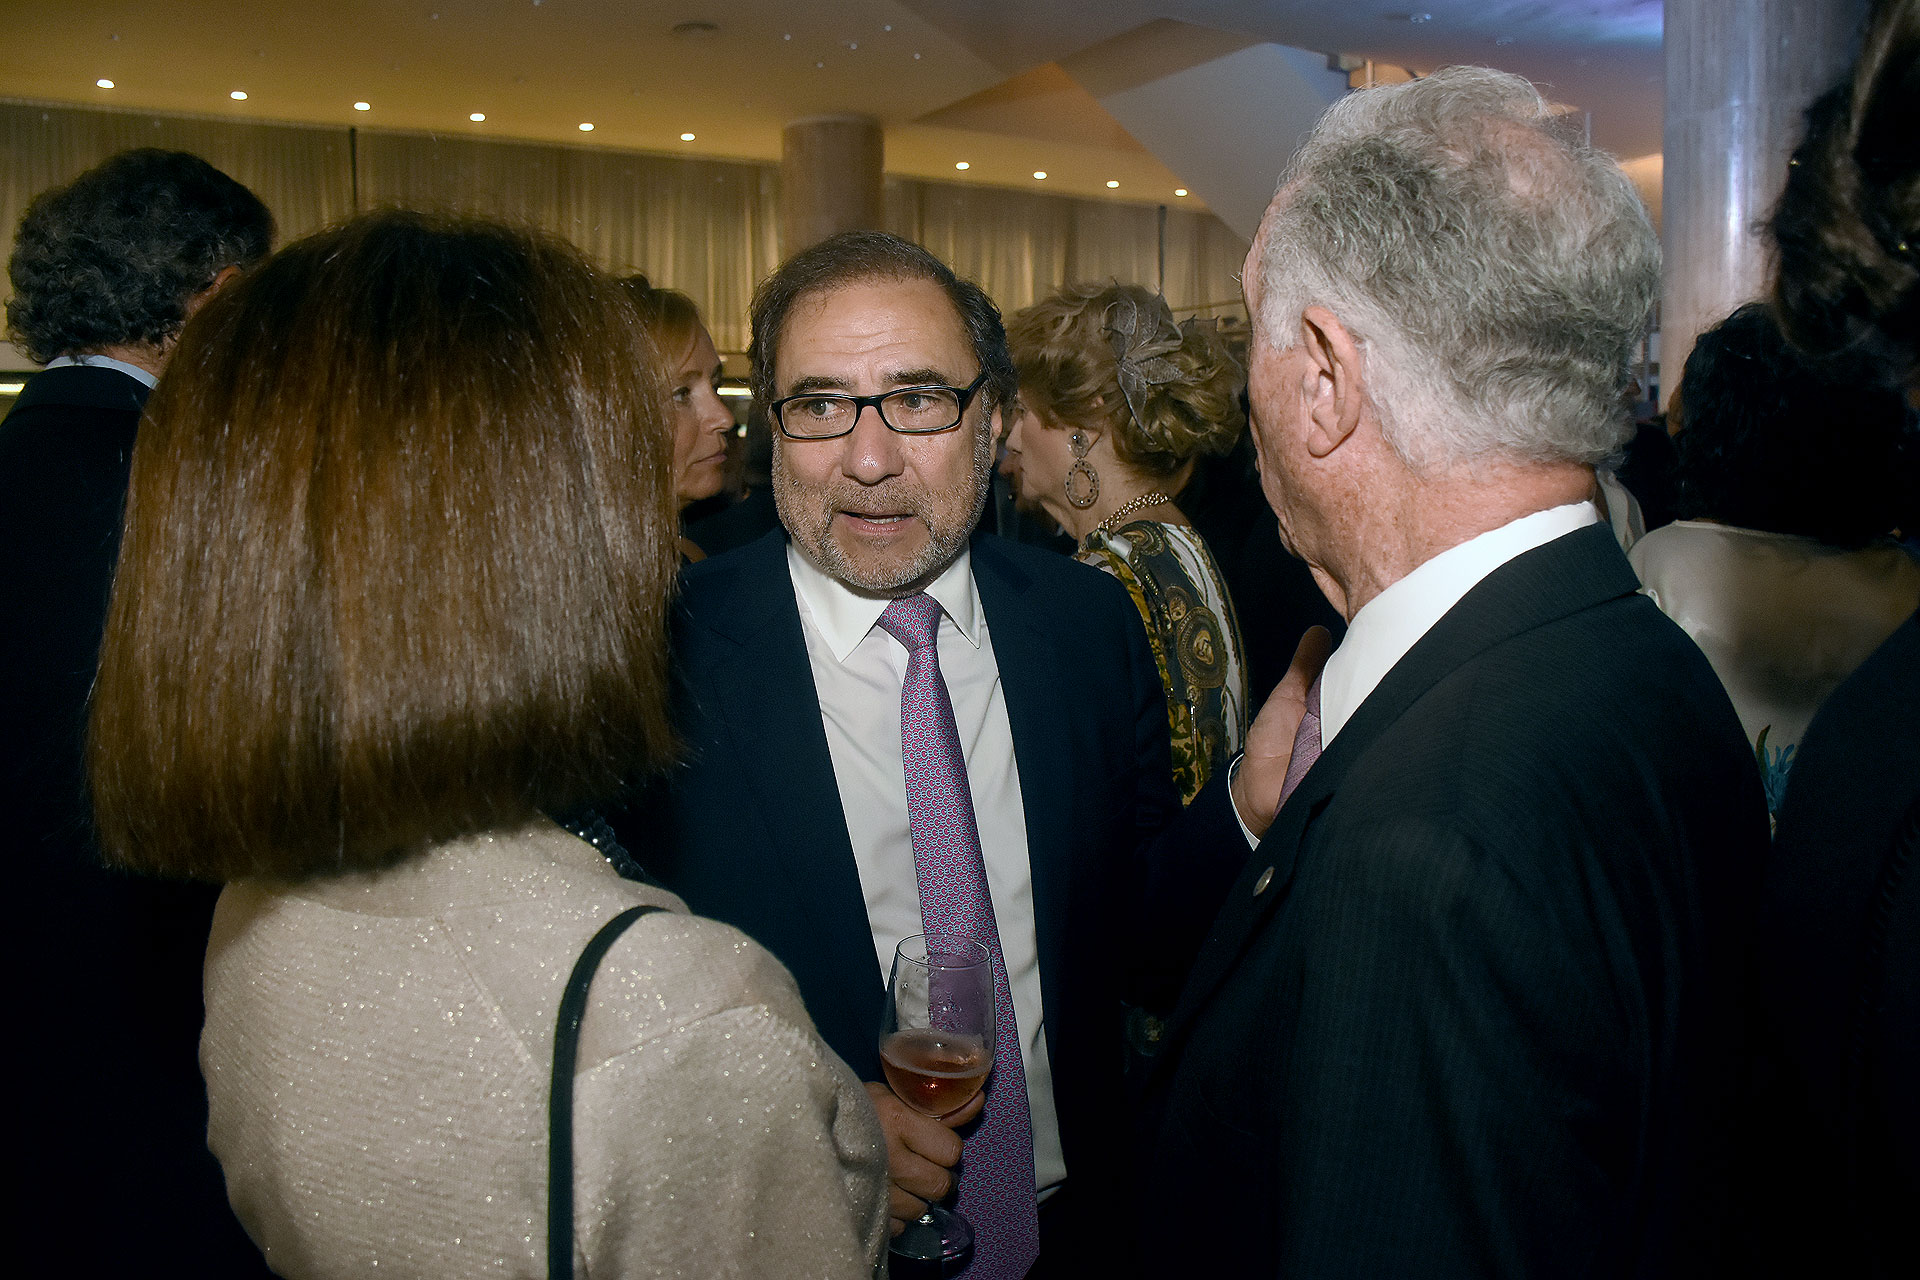 El ex embajador argentino en Washington, Jorge Argüello